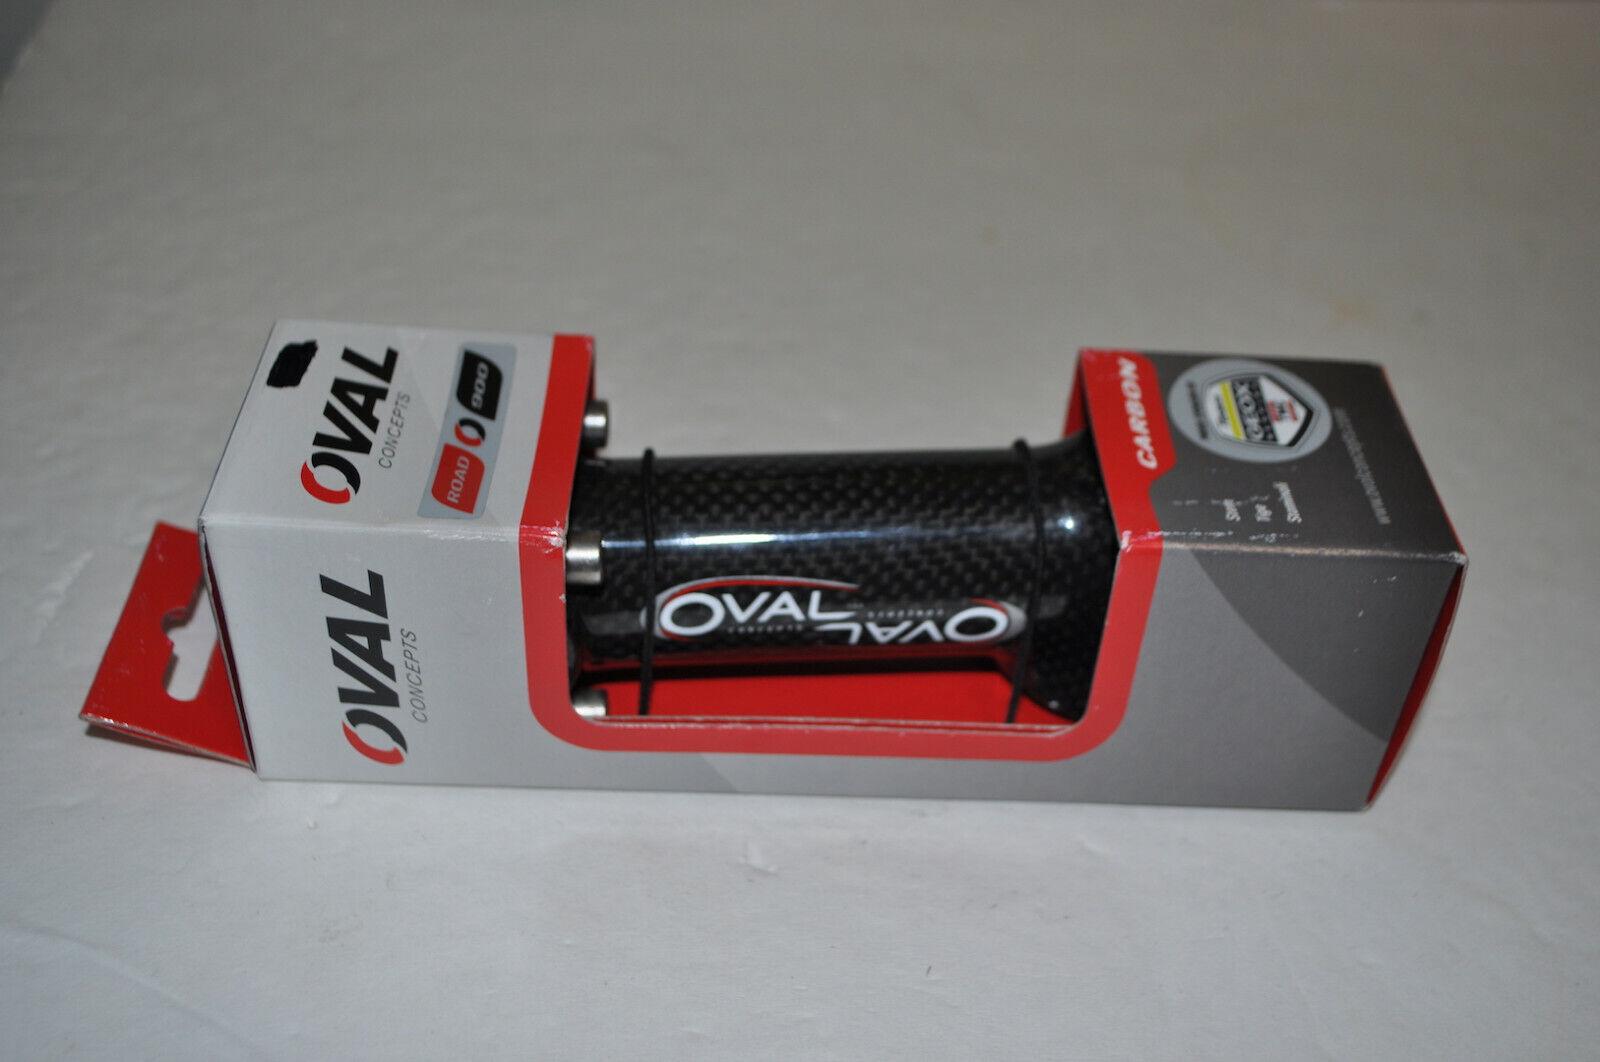 nuevo  OVAL CONCEPTS Cochebono Vástago R900 900 130mm 26.0mm 17 73 grados   tienda de ventas outlet